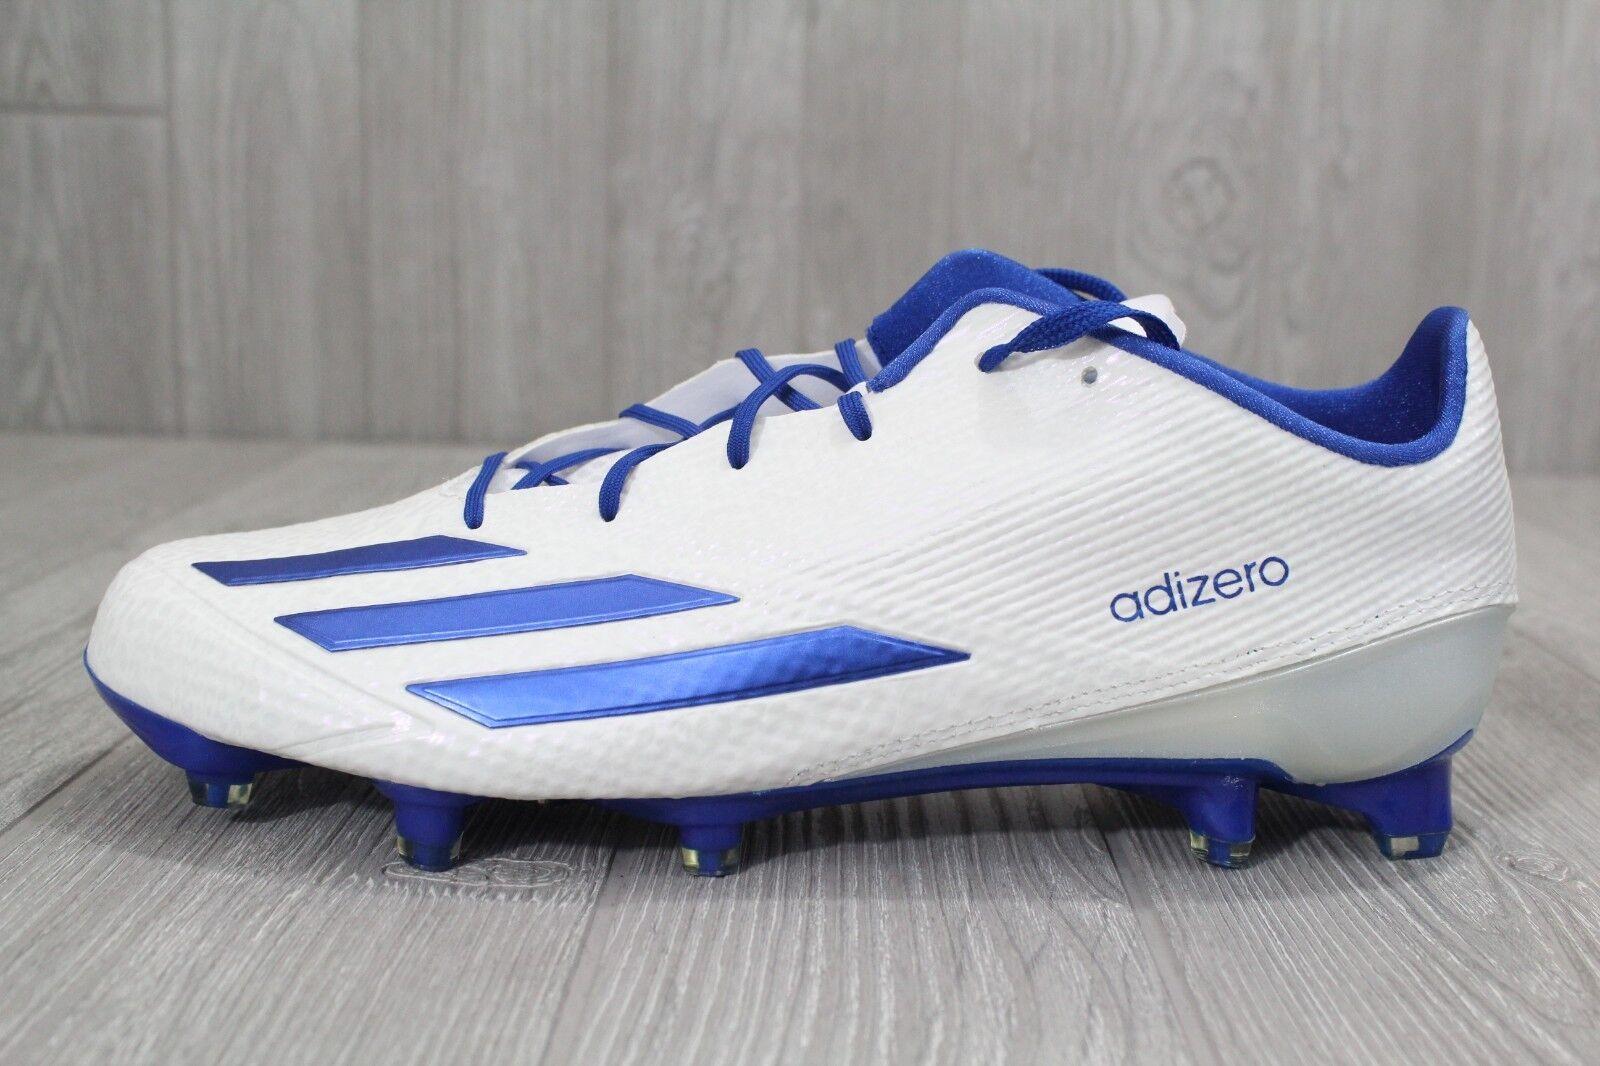 33 neue männer adidas fußball adizero 5 - sterne - 5,0 weiß - blau stollen aq8734 größe 12